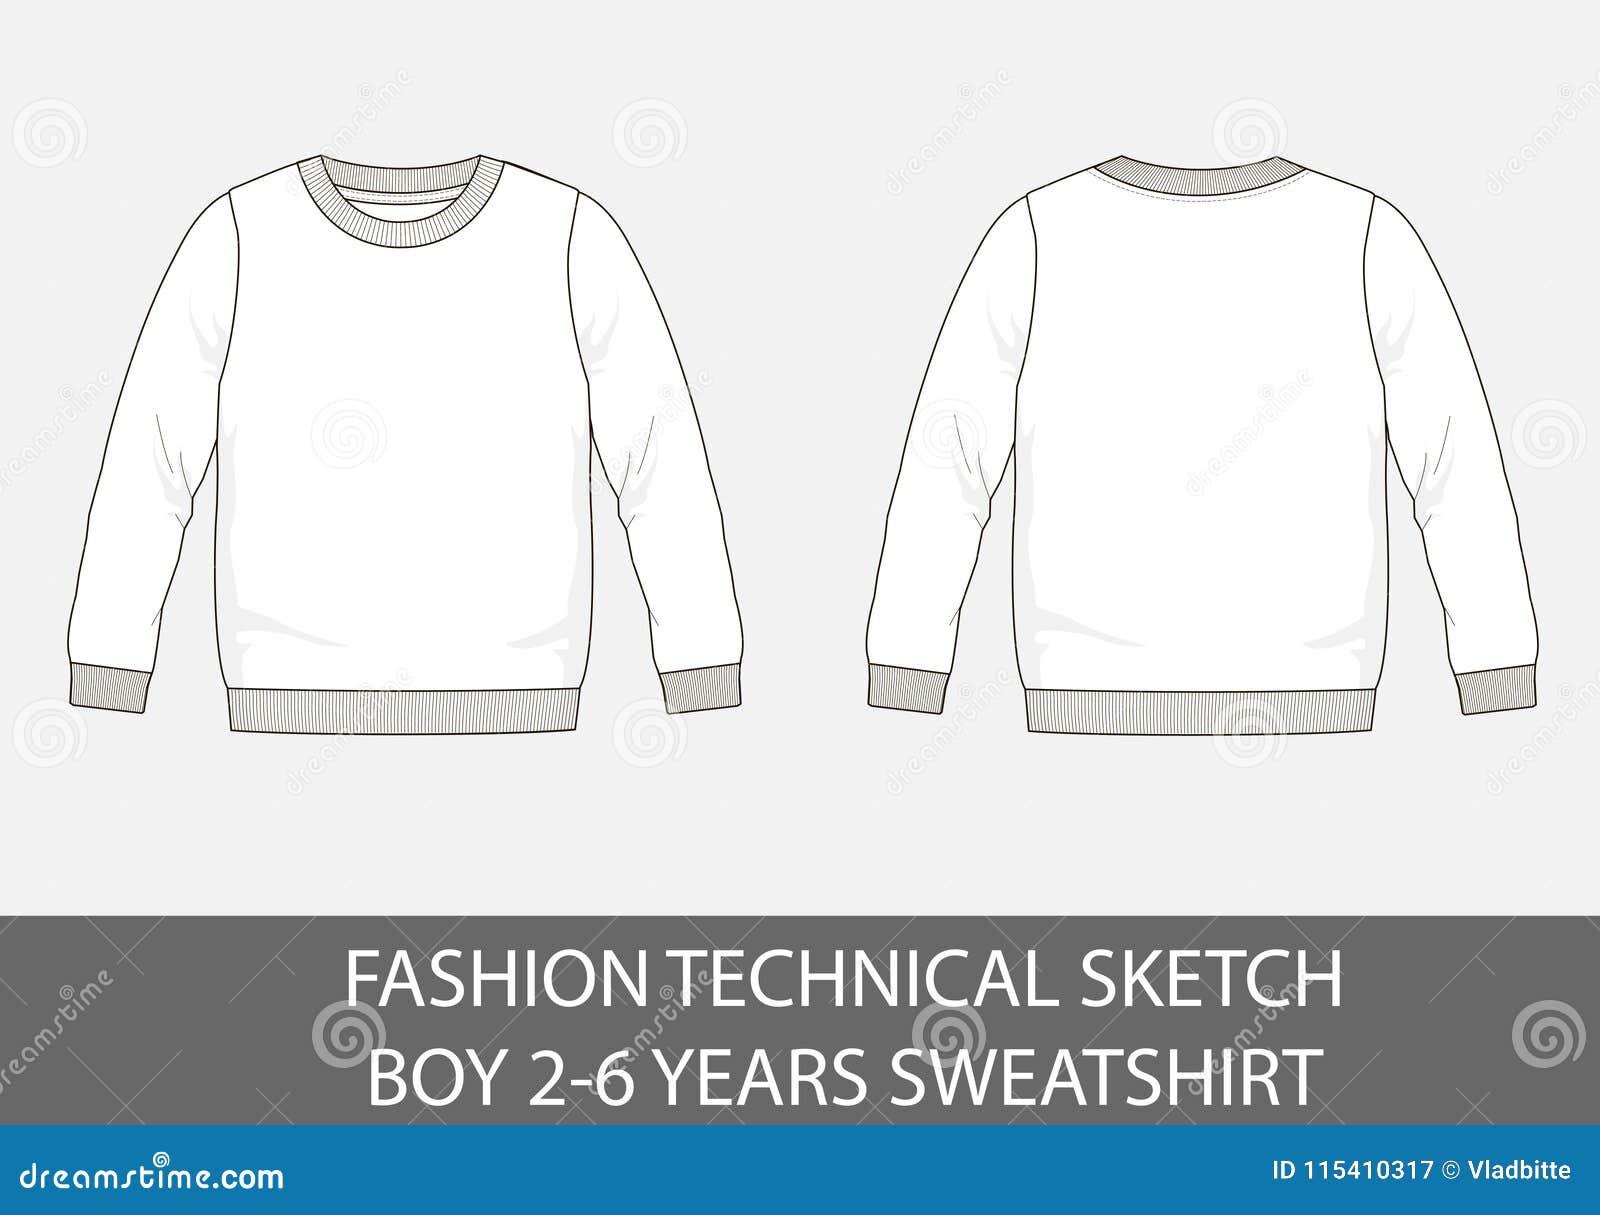 Manier technische schets voor jongens 2-6 jaar sweatshirt